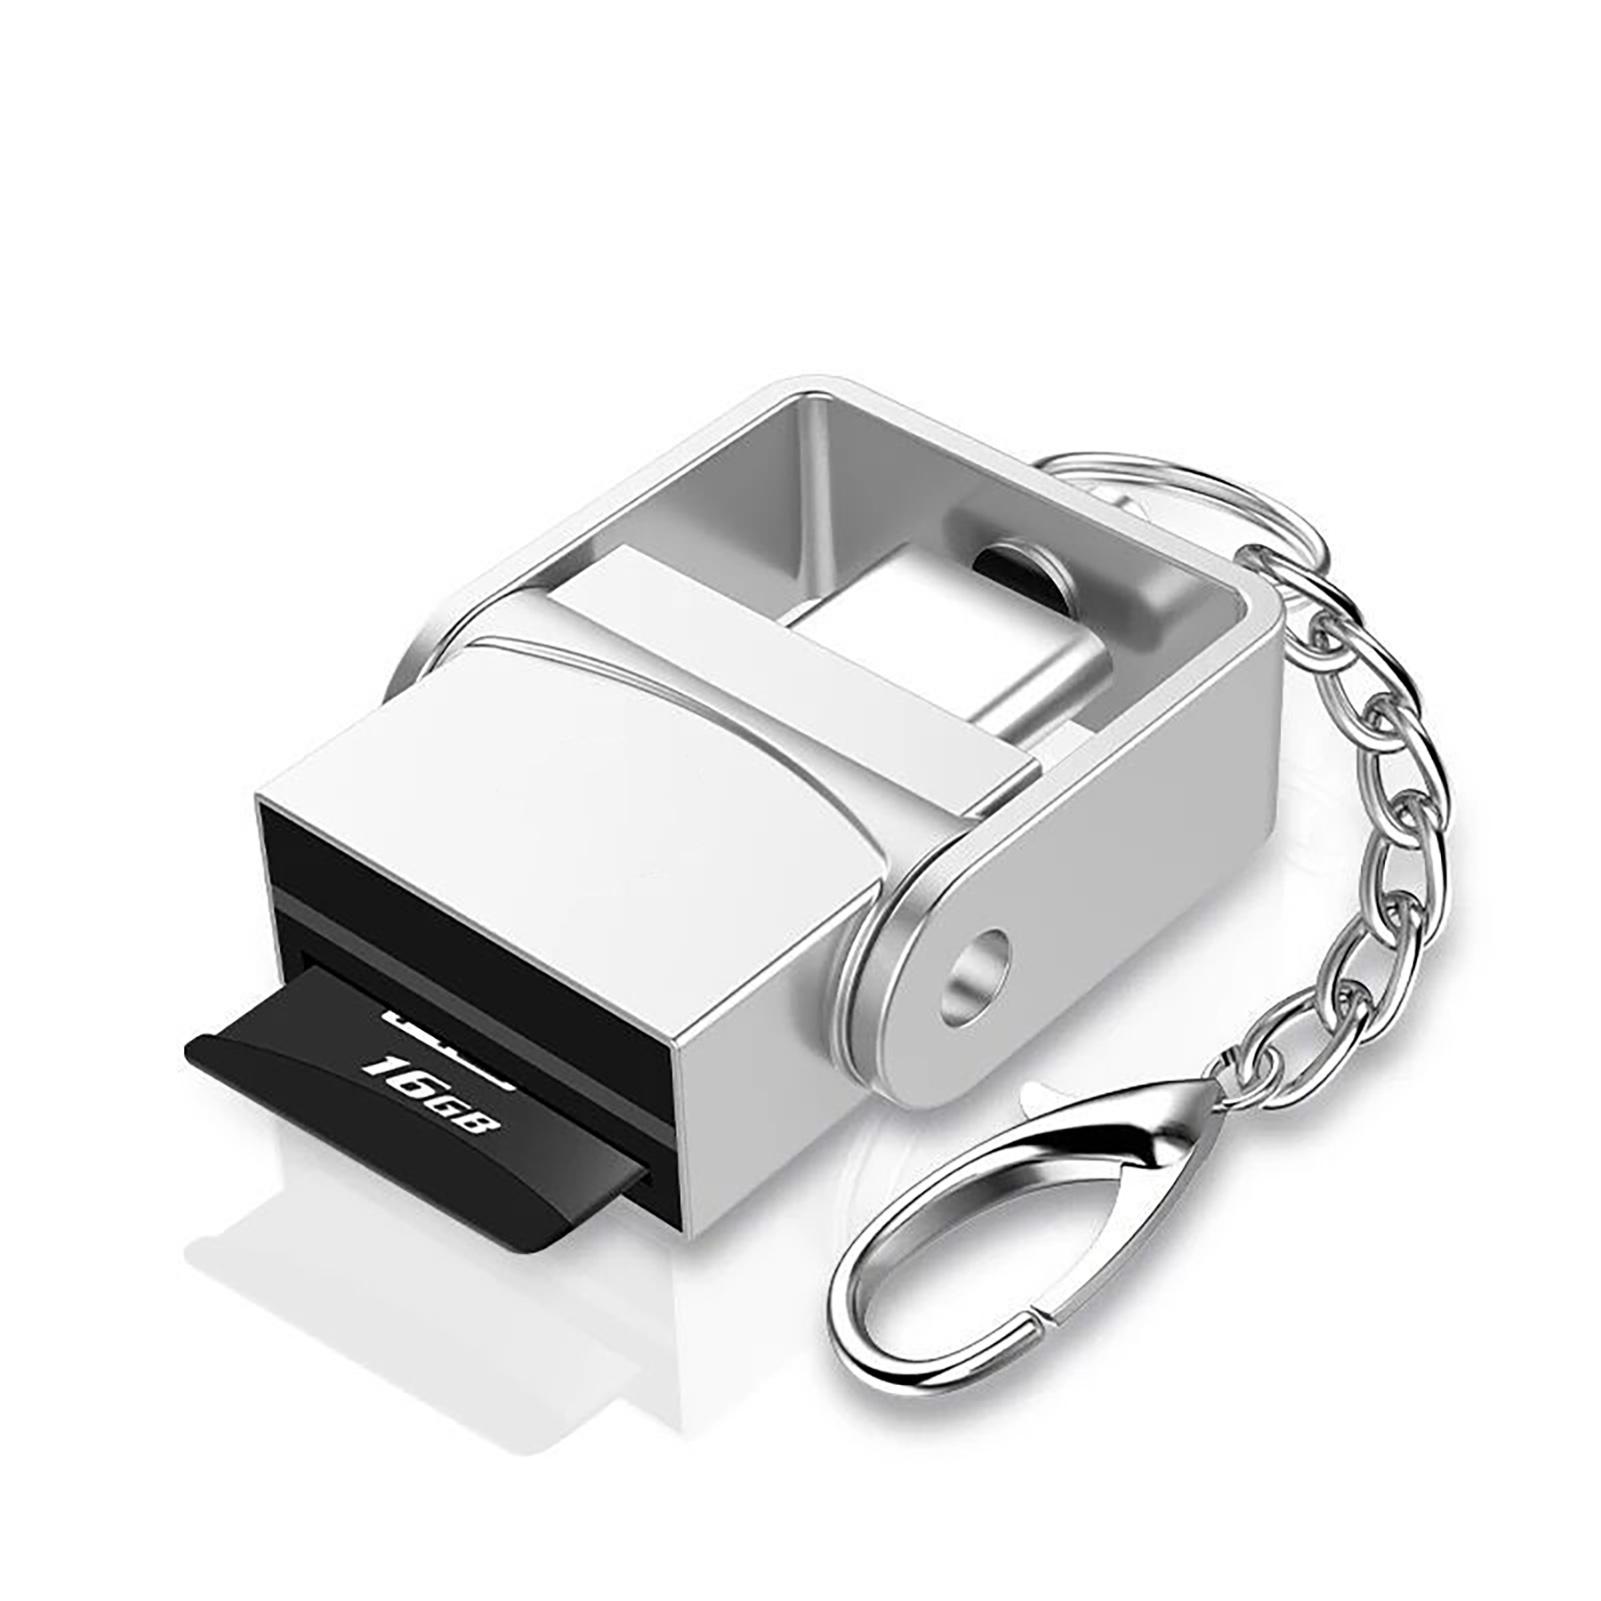 Indexbild 5 - Telefonkartenleser Schlagfest Weitgehend kompatibles Mini-Leichtgewicht für